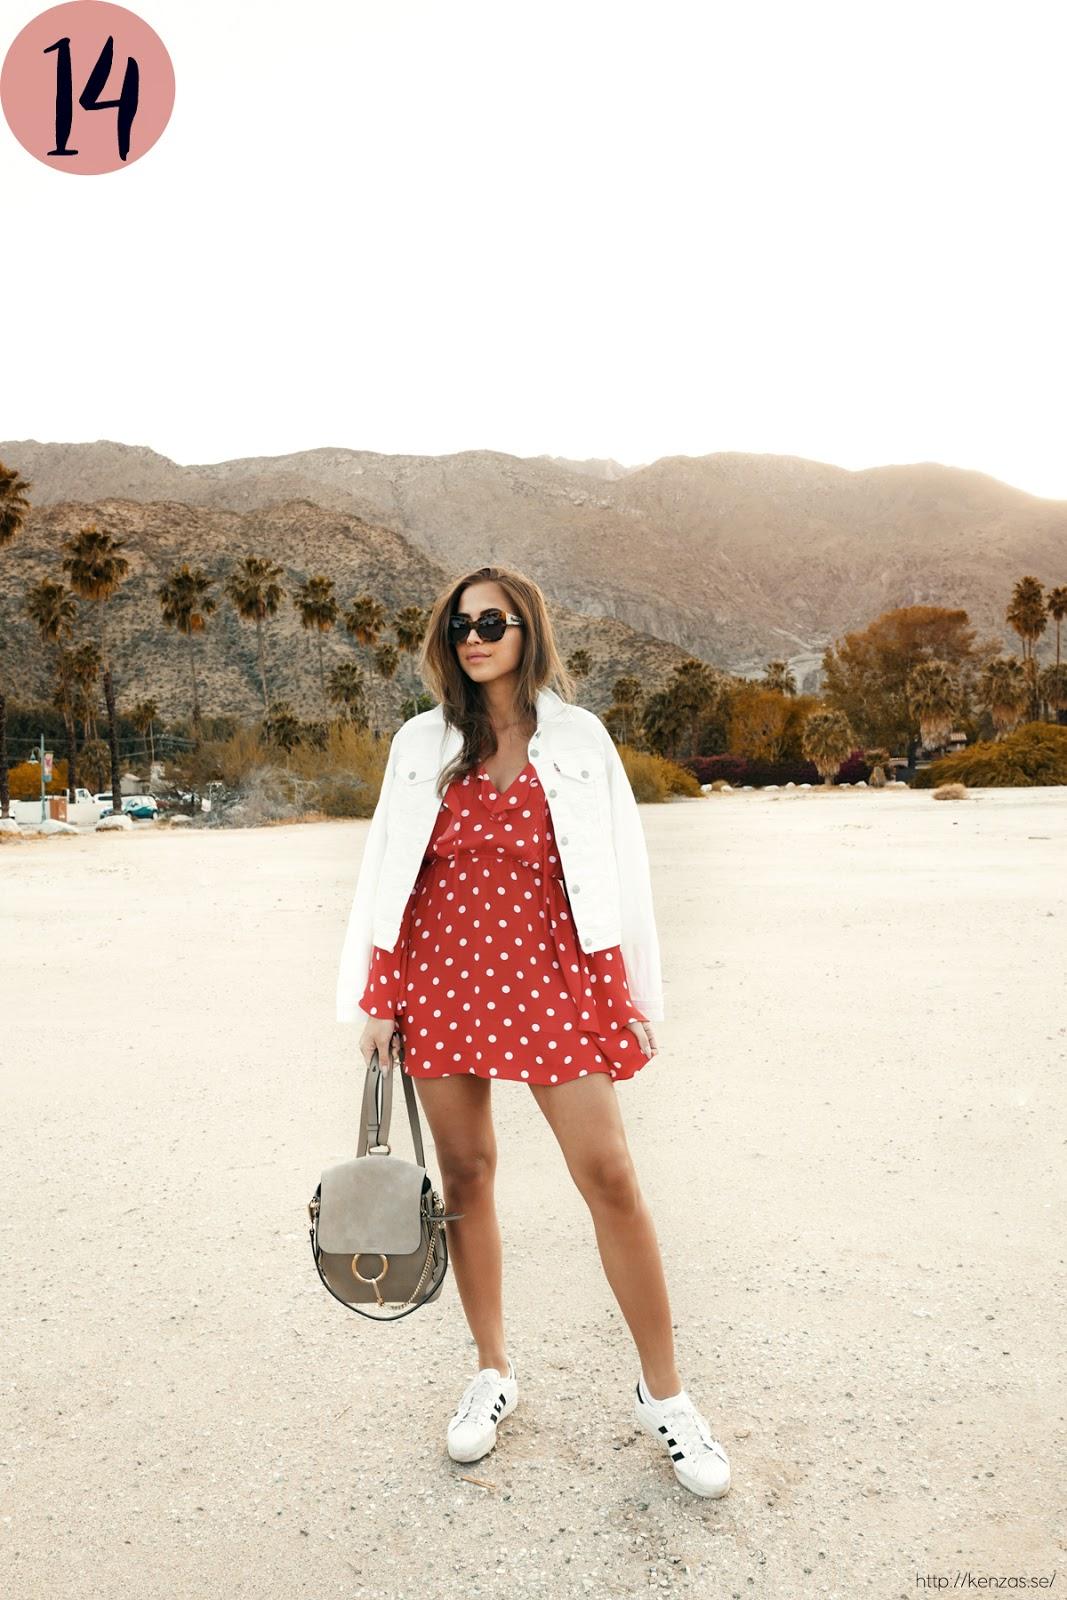 Streetstyle fashion blogs